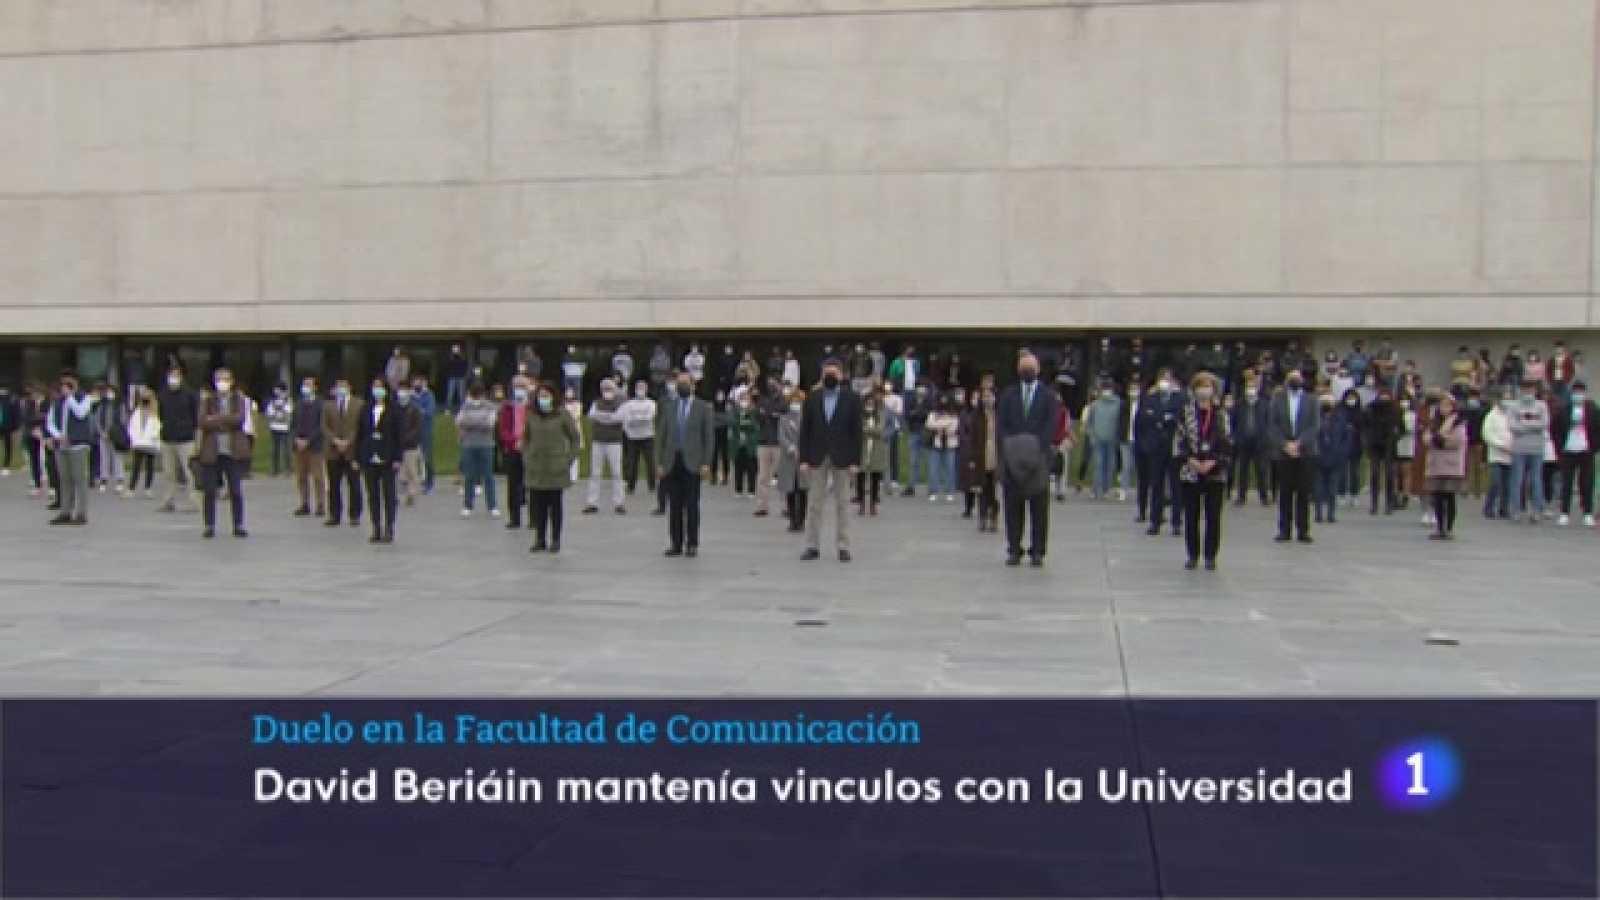 Concentración en La Facultad de Periodismo de la Universidad de Navarra